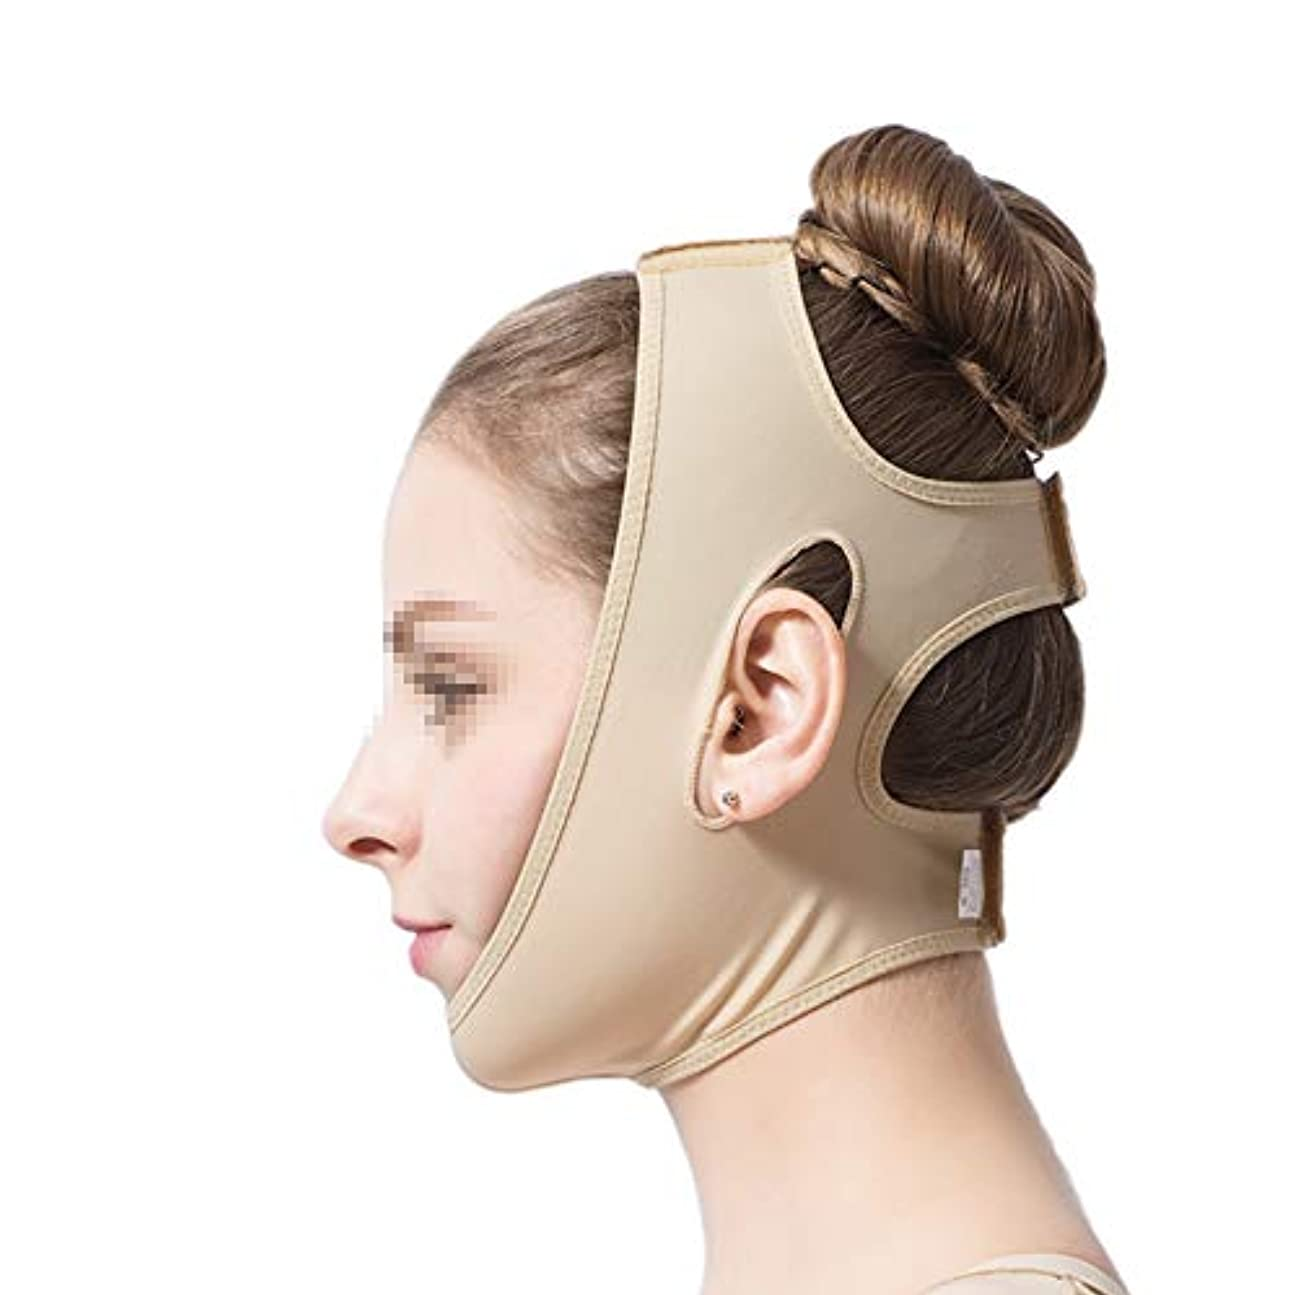 ファイアルぼんやりした哀XHLMRMJ フェイスリフトマスク、下顎袖医療グレード脂肪吸引術整形弾性ヘッドギアダブルあご顔ライン彫刻圧力包帯 (Size : XL)